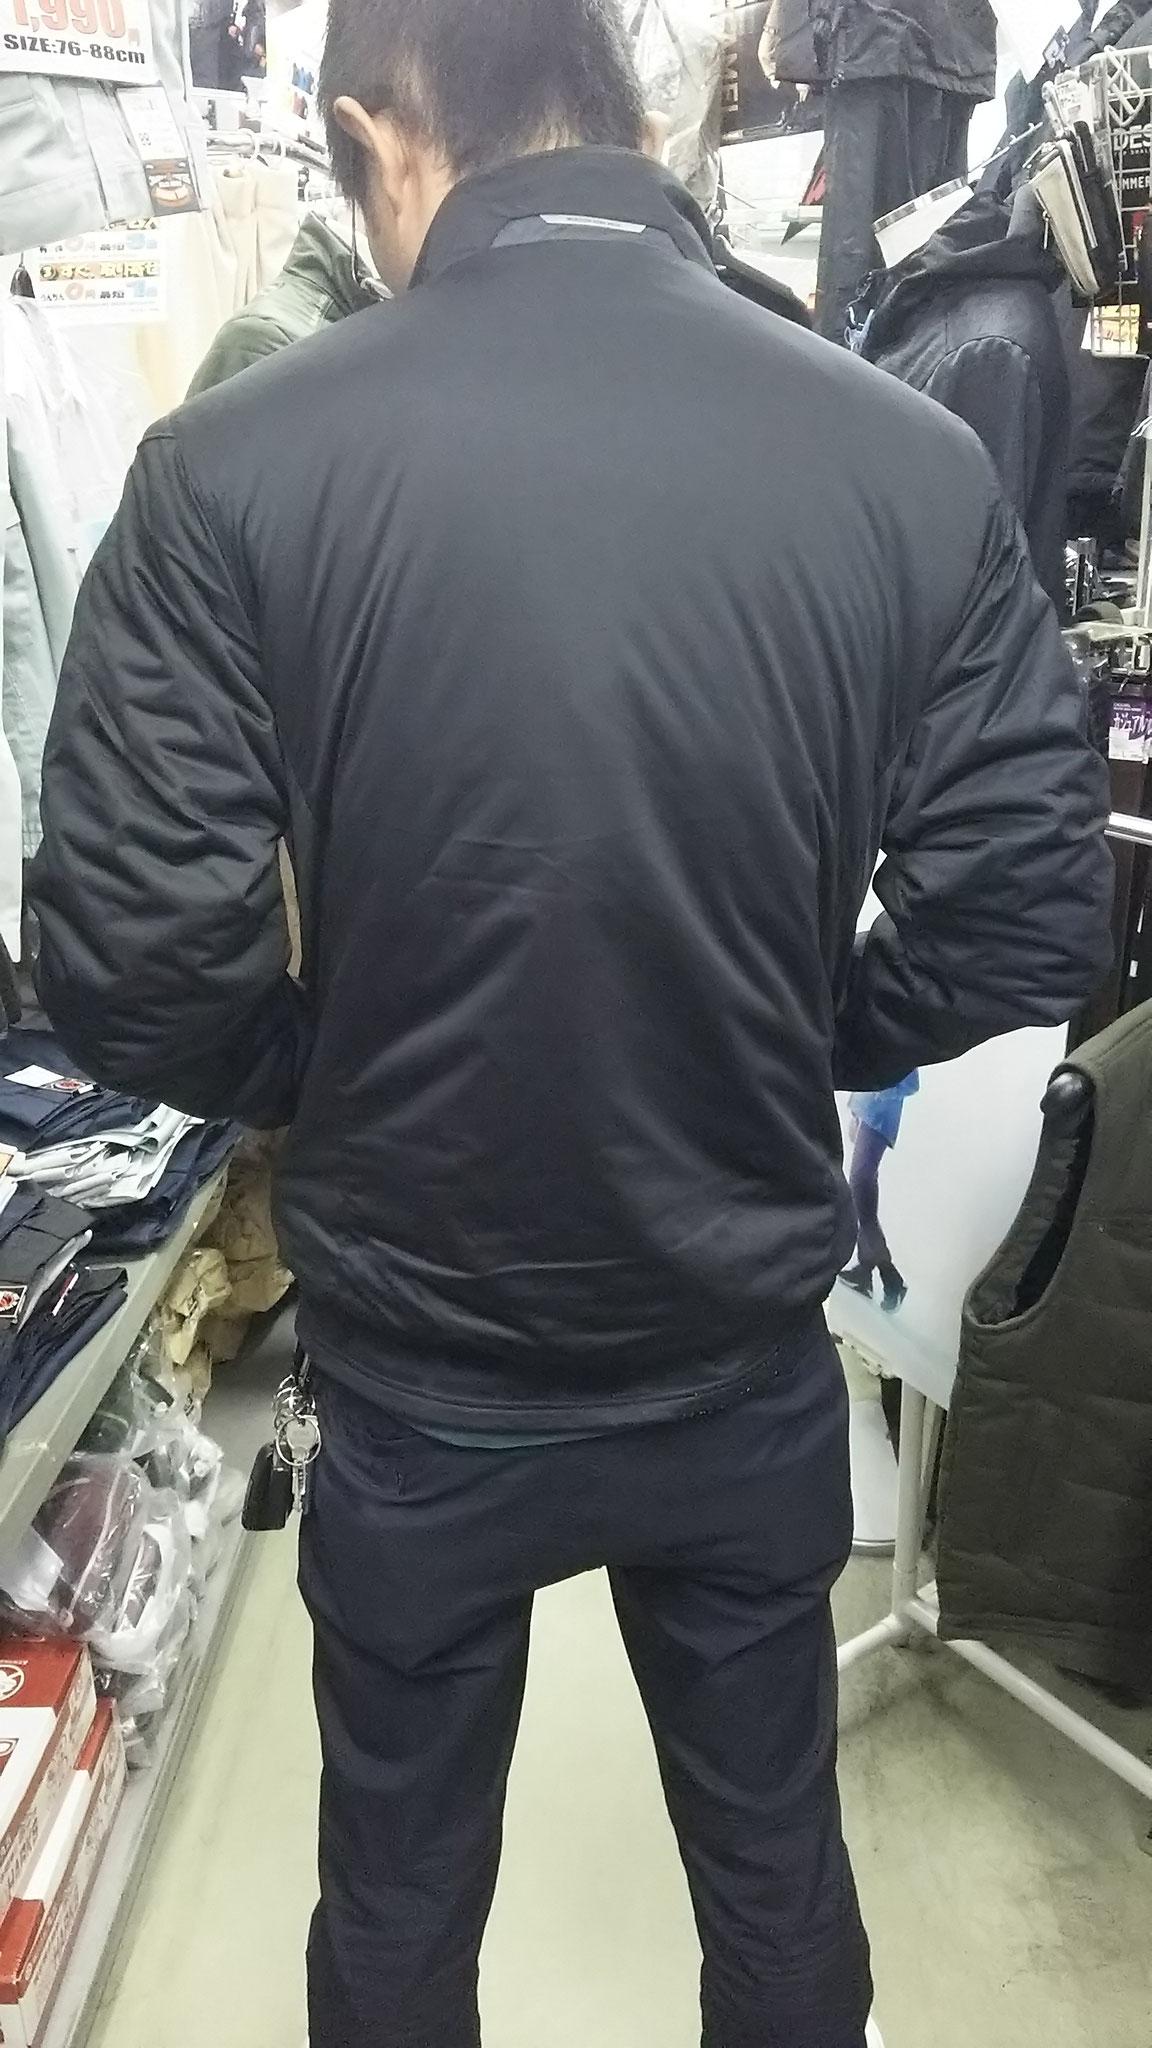 TS DESIGN  6626 防風ストレッチライトウォームジャケット 実際に着てみました。後ろ姿もタイトですね(笑)